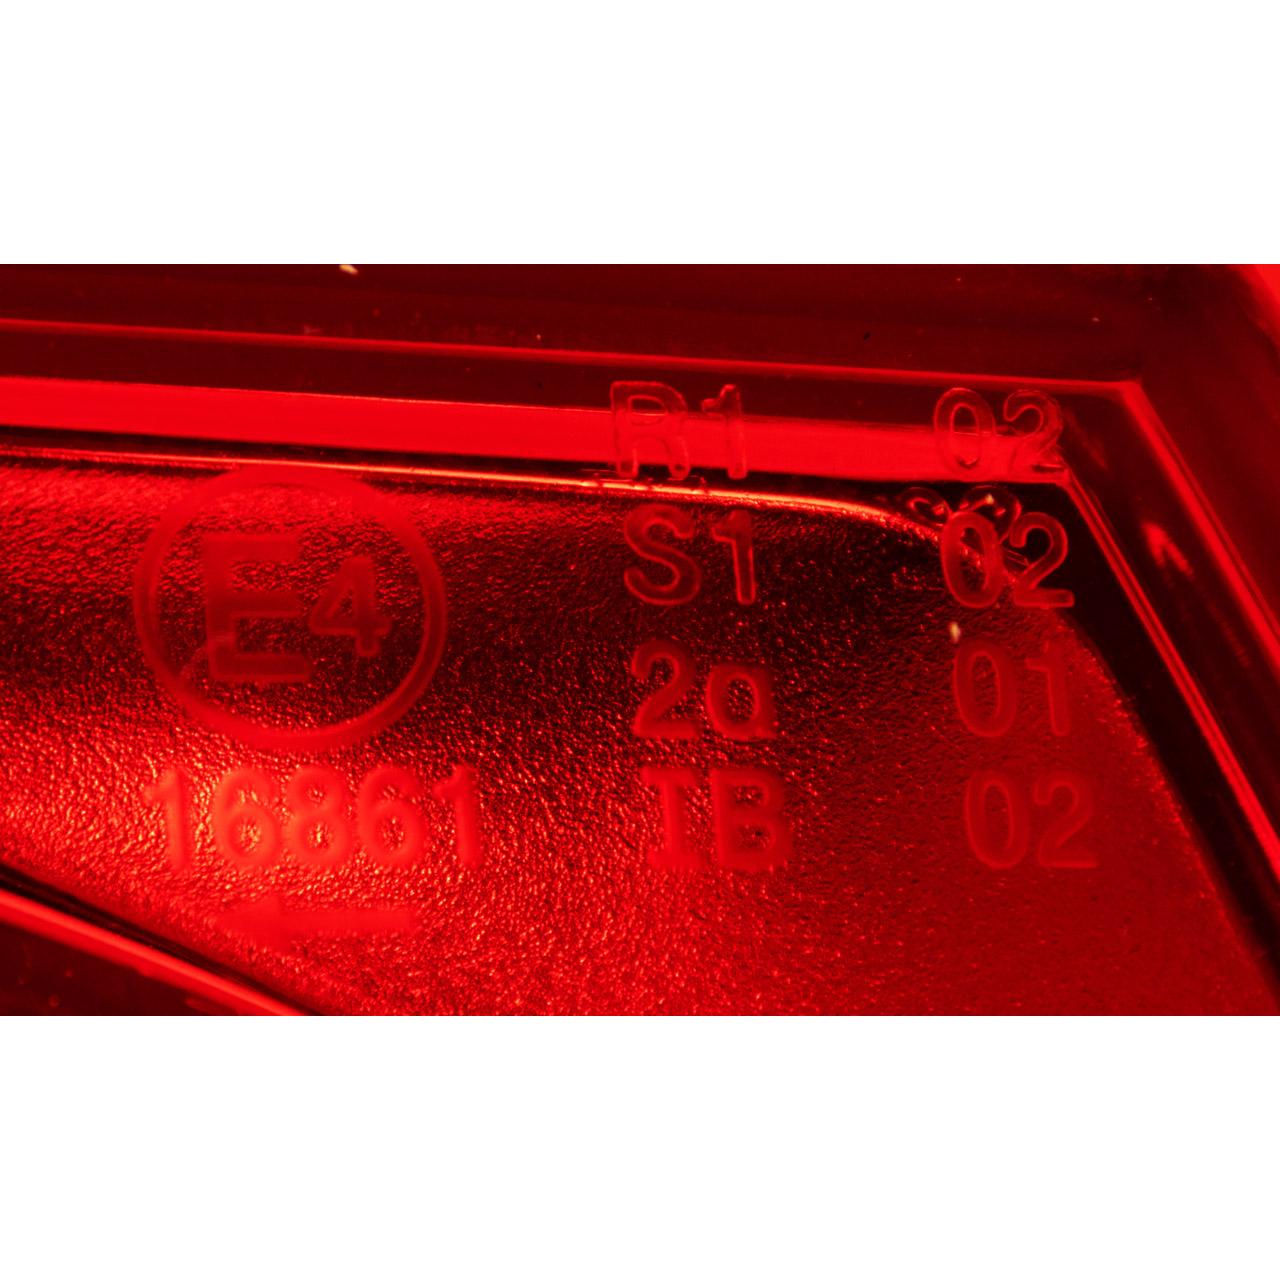 TYC Heckleuchte Rücklicht LED VW Passat Variant 3C5 aussen links 3C9945095N